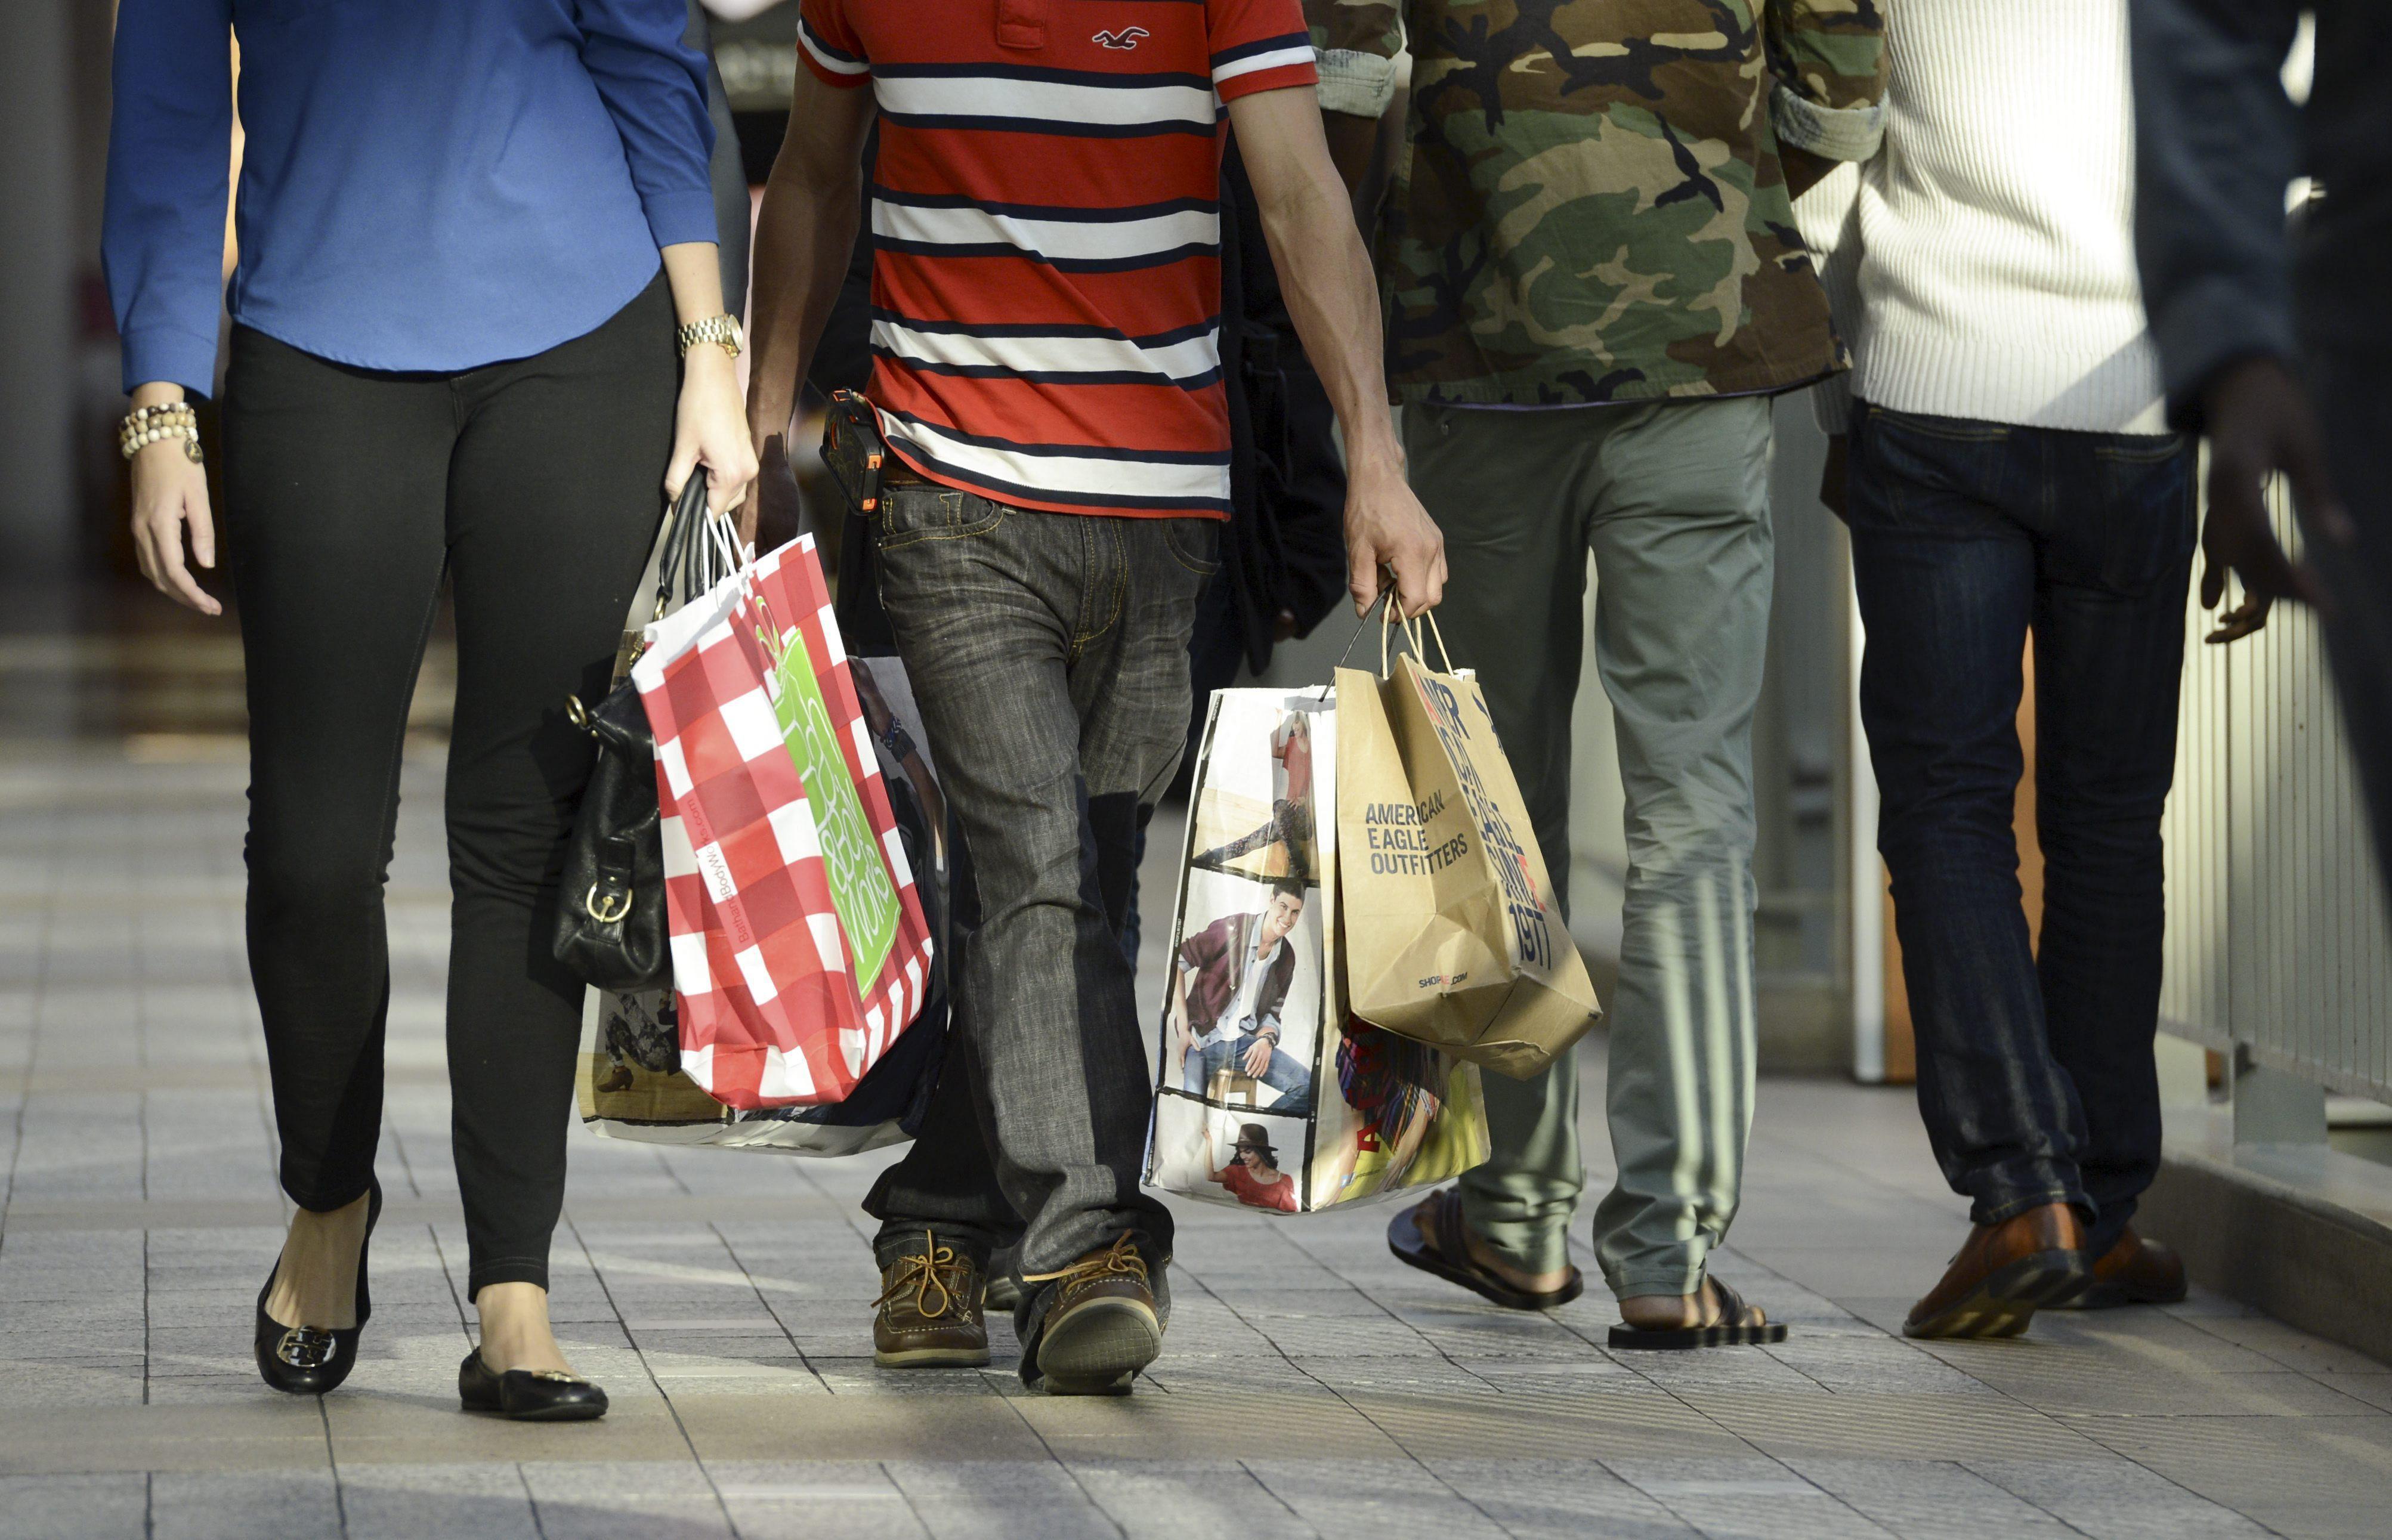 La economía de EEUU se ralentiza pero menos de lo previsto